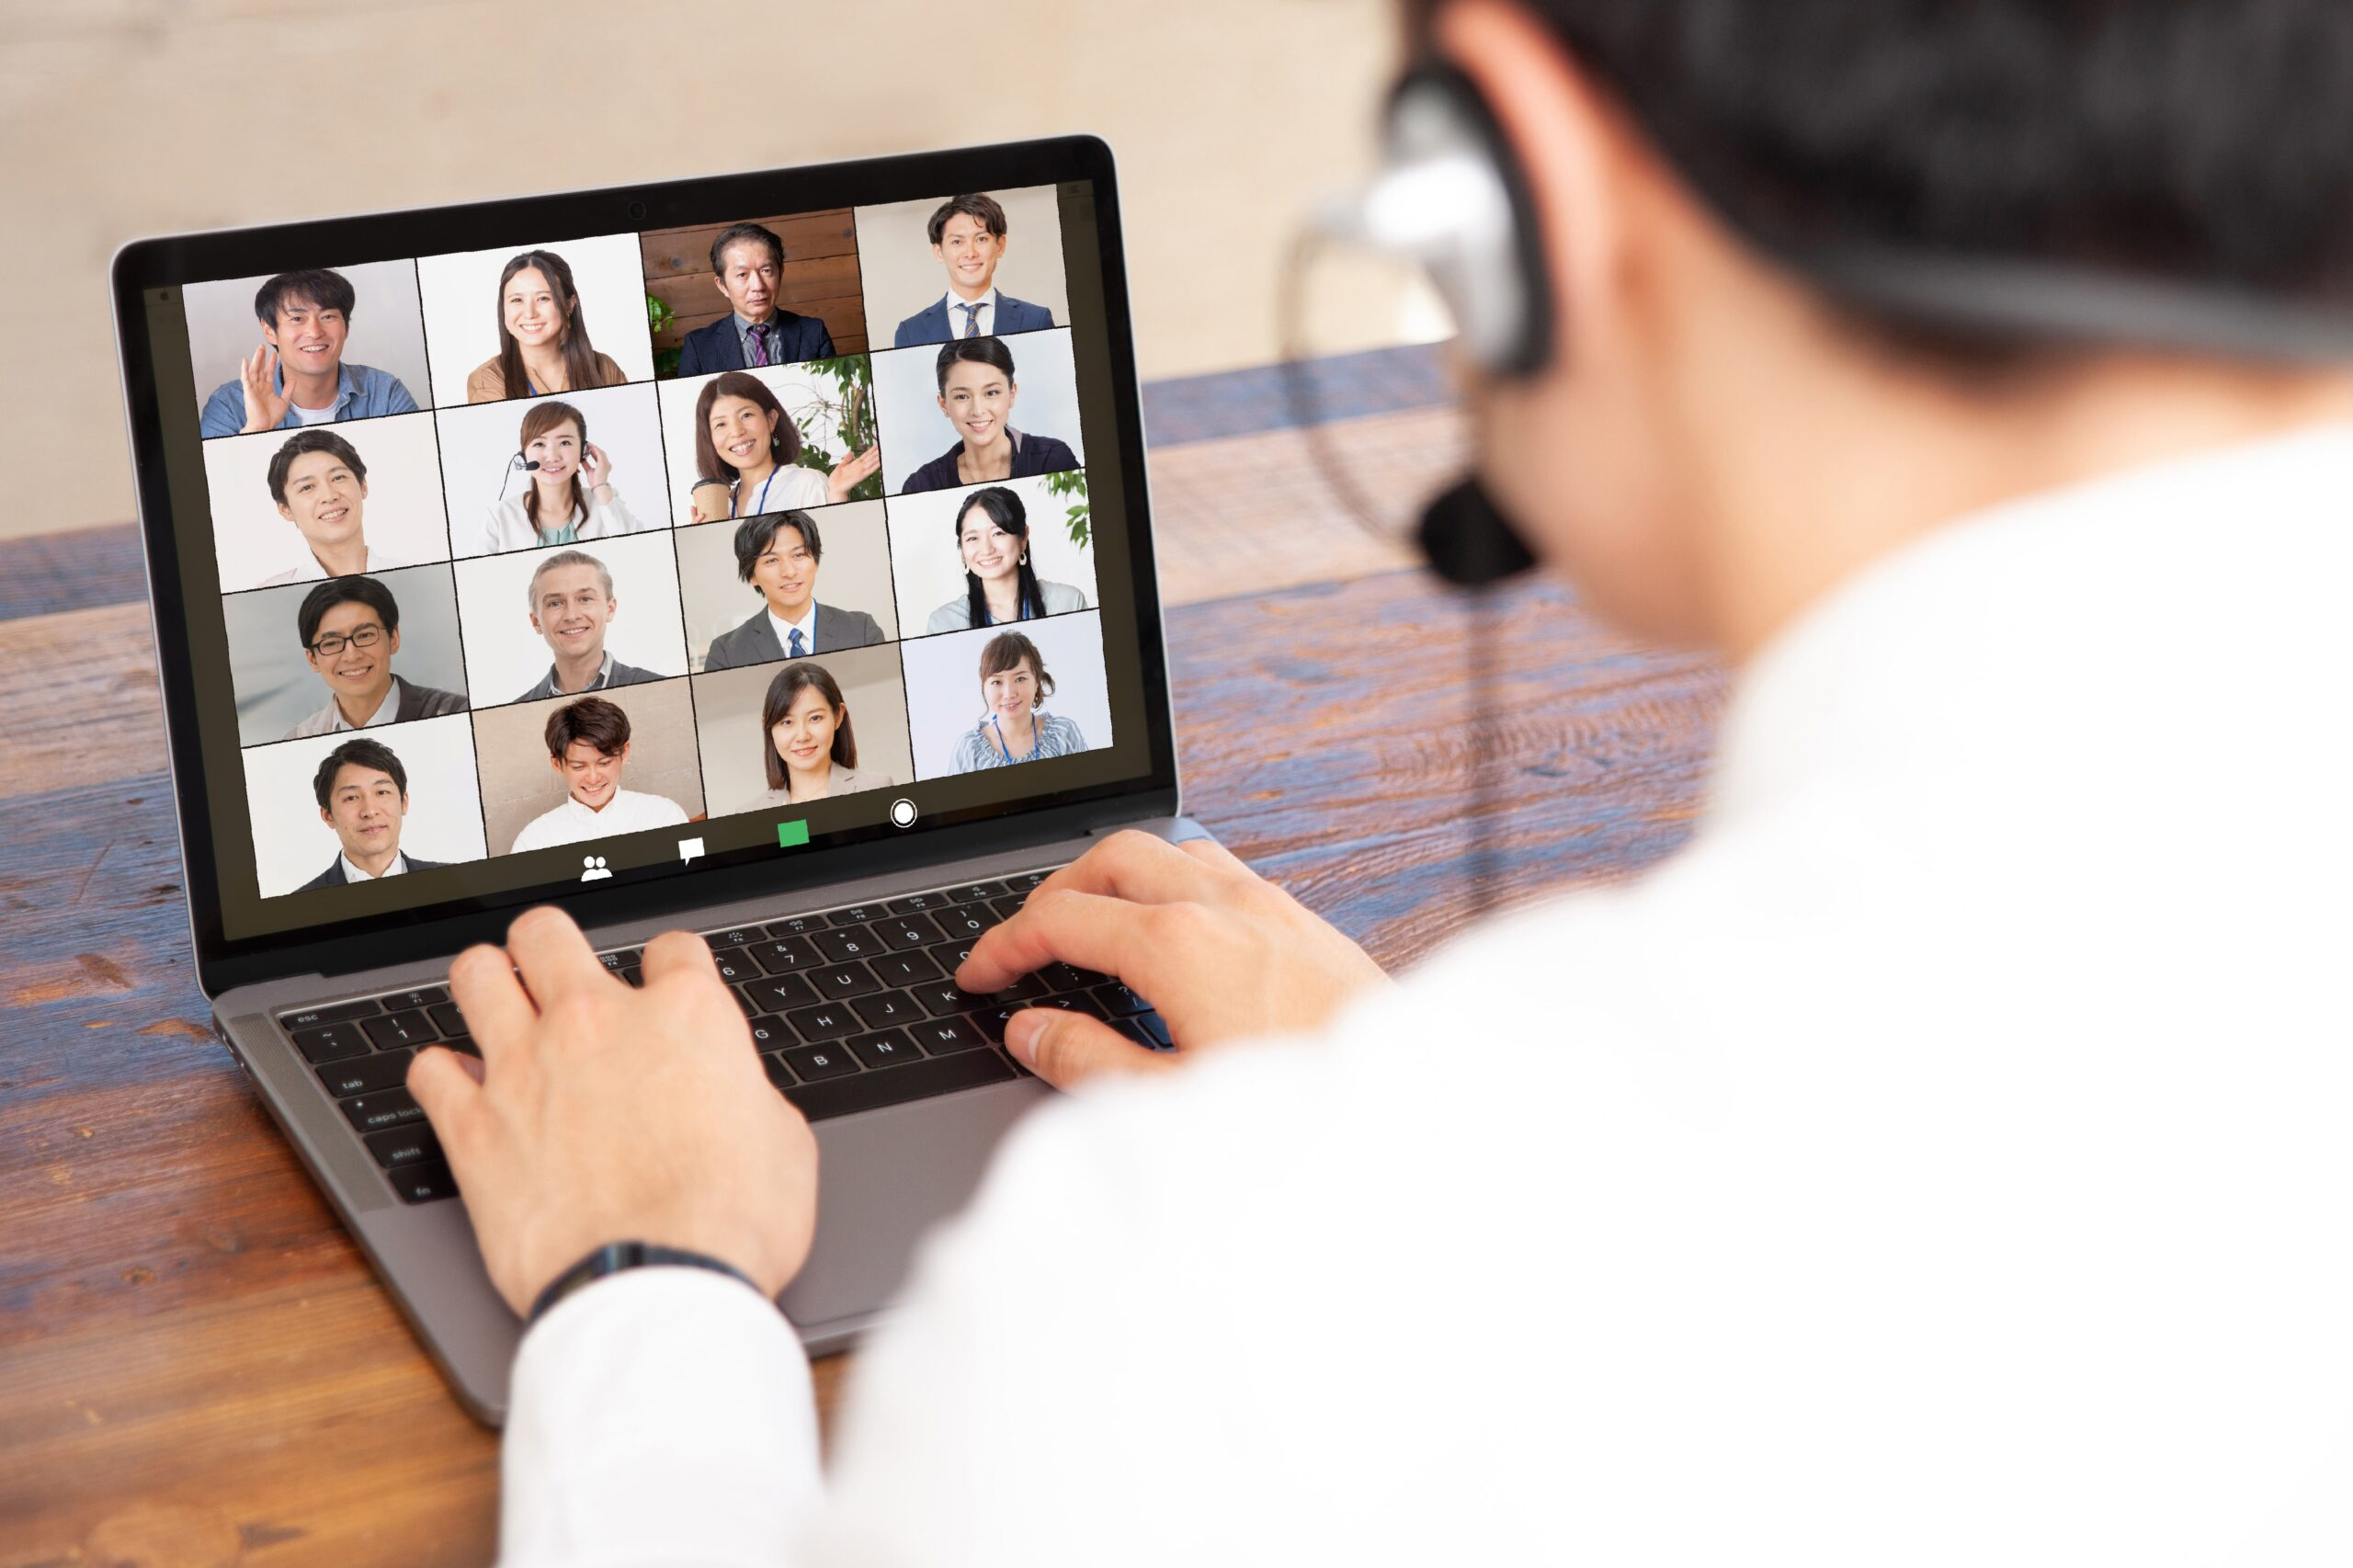 経営方針の自分ゴト化を目指した飽きないオンライン社員総会・表彰式の実施をトータルサポート